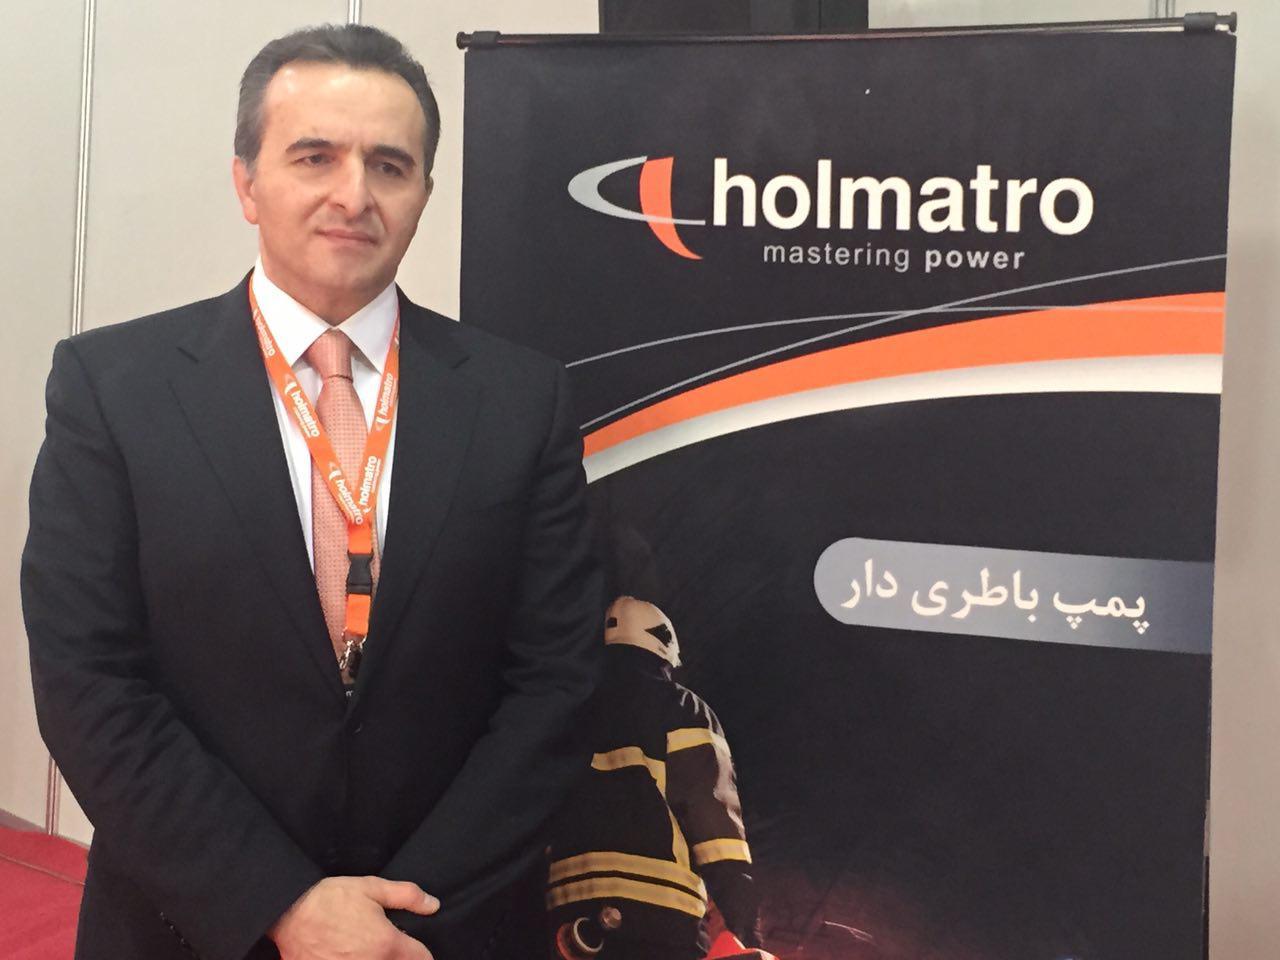 رونمایی جدیدترین فناوری امداد و نجات Holmatro  سری ۵۰۰۰